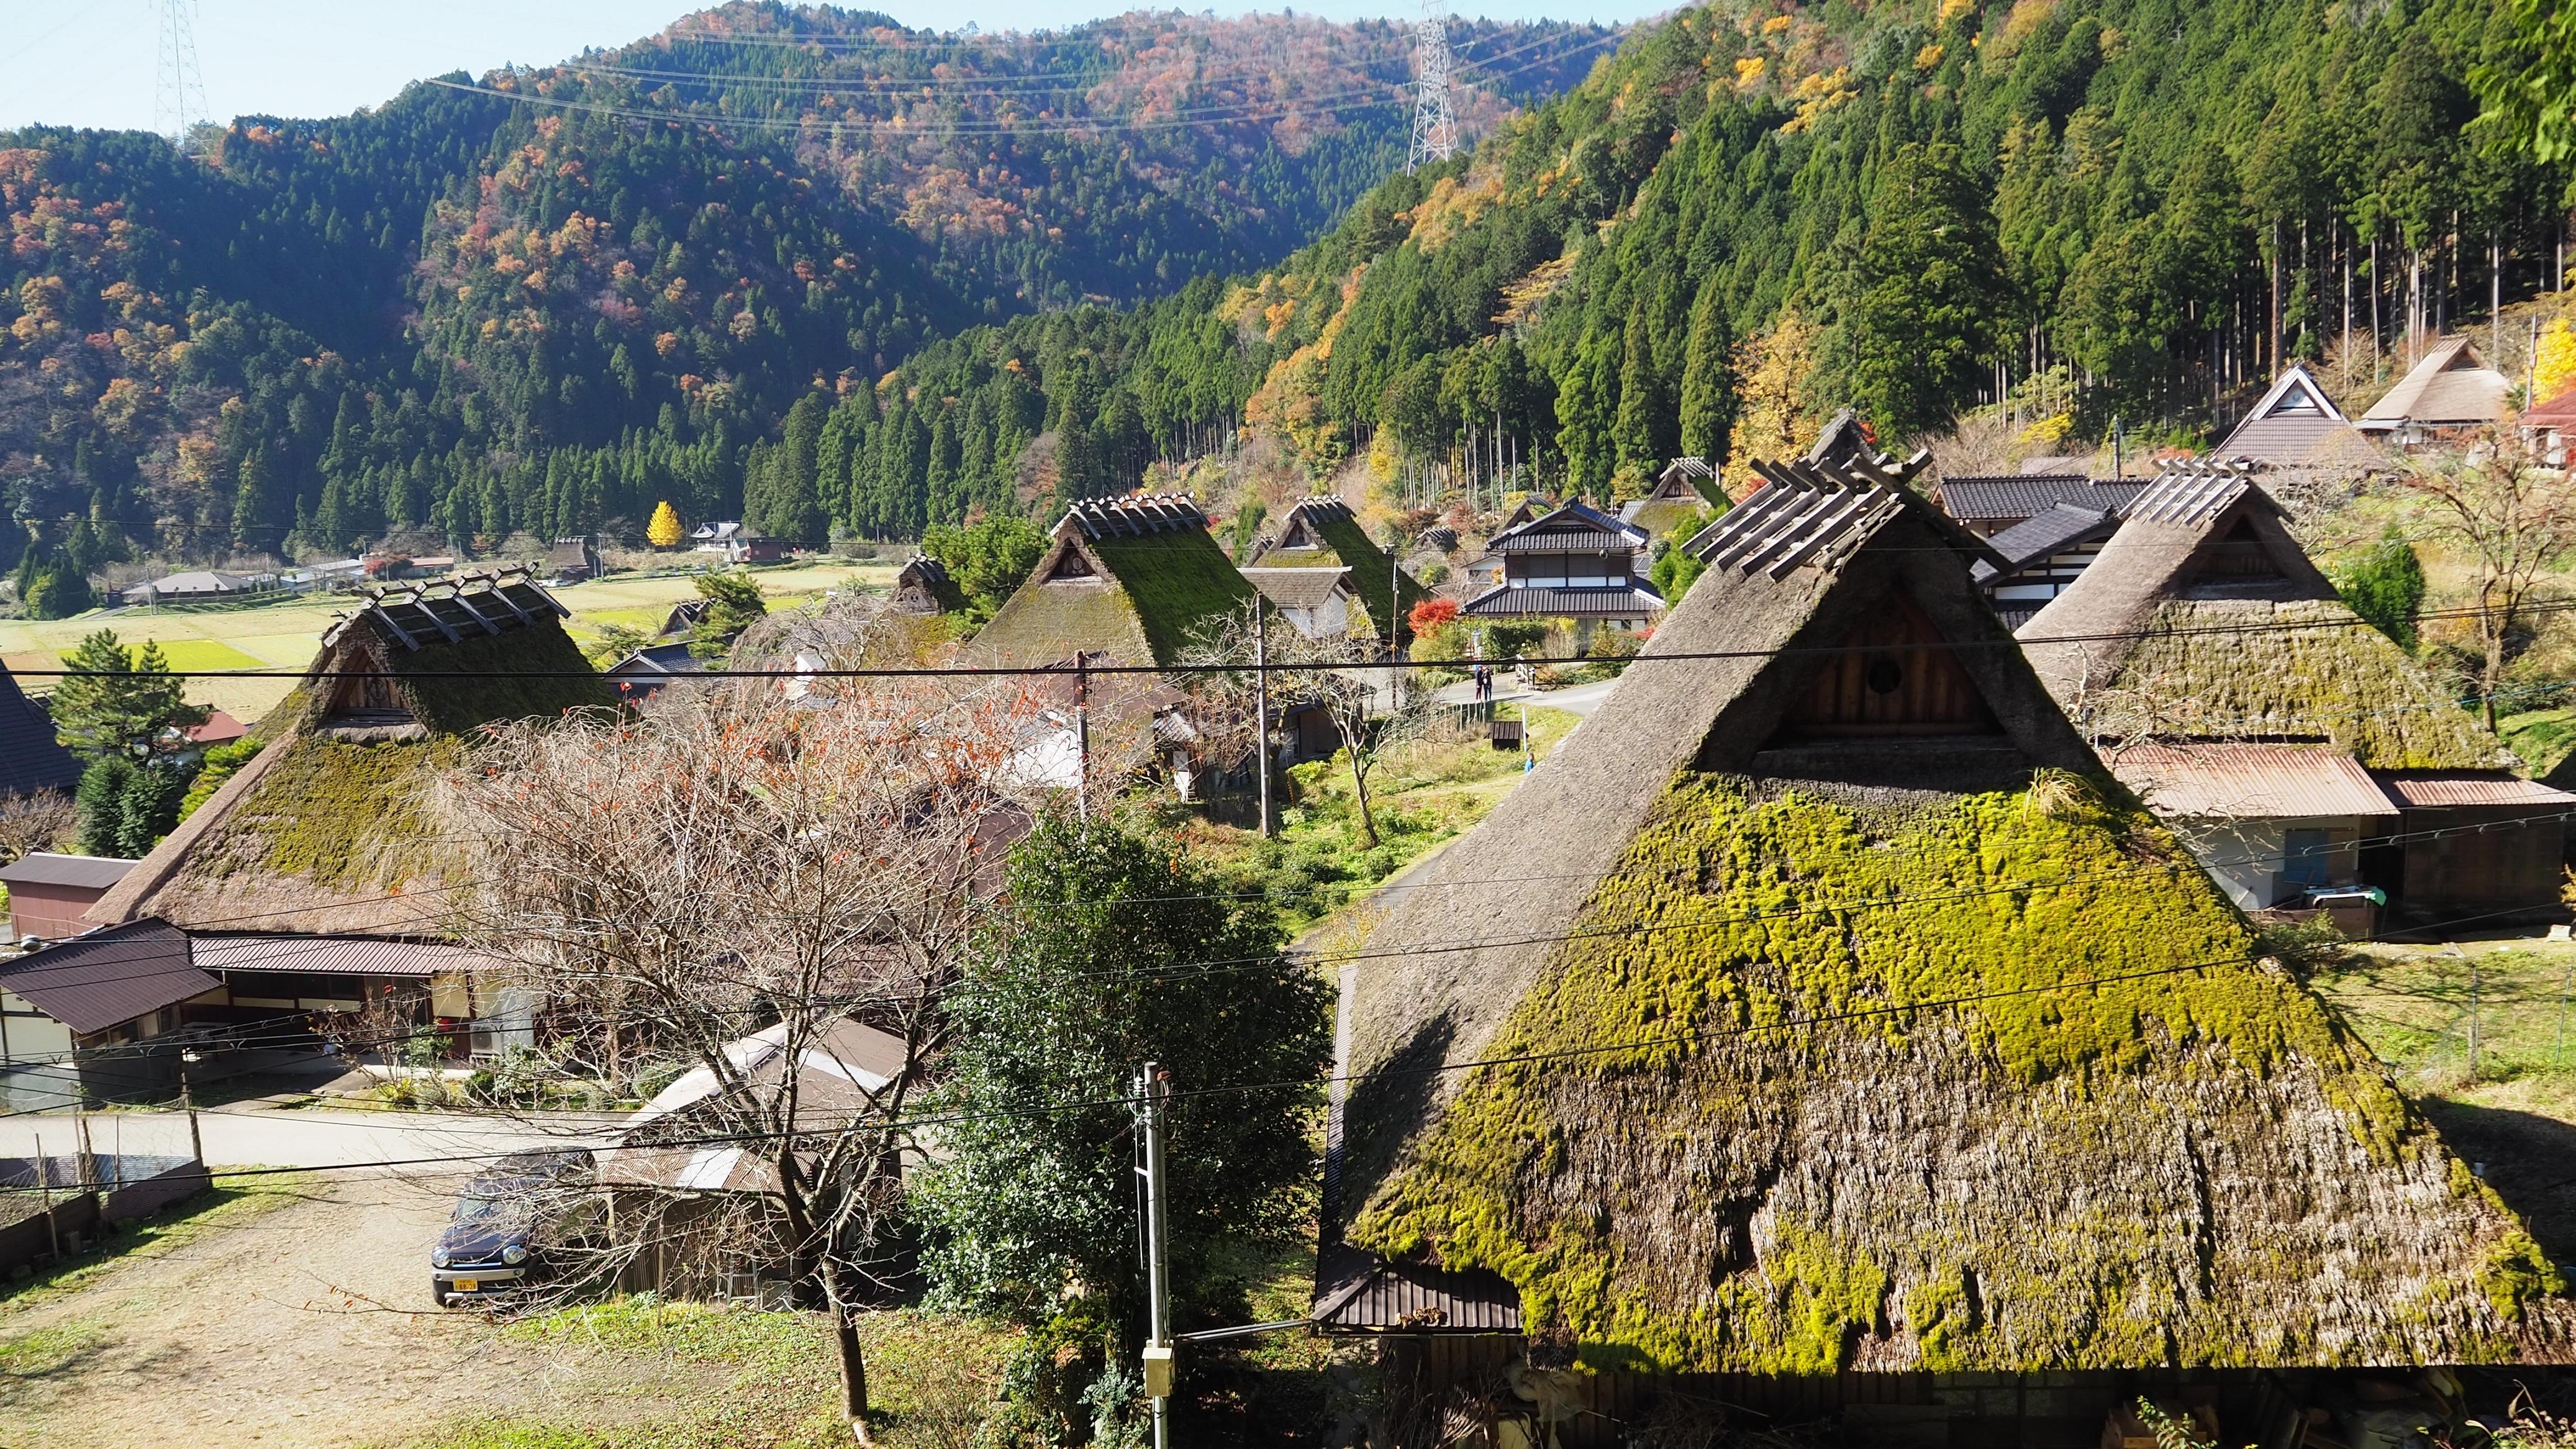 ぴーきち&ダイナ 美山 かやぶきの里ツーリング 鎌倉神社 景色